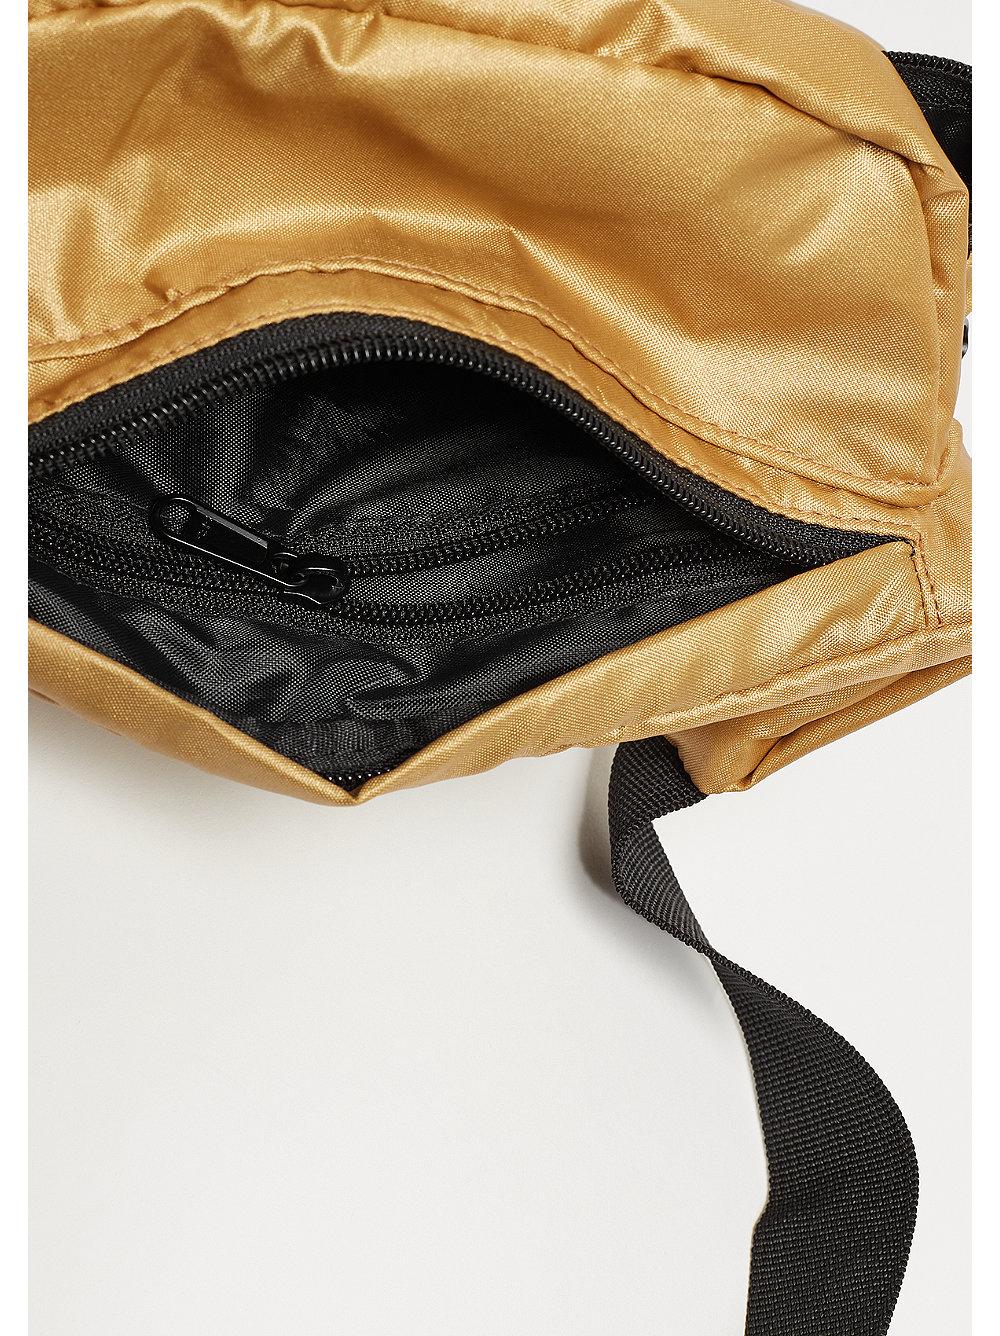 Ordina Classics Alla Snipes Urban Gold Shoulderbag Oversize B4qwBxfr